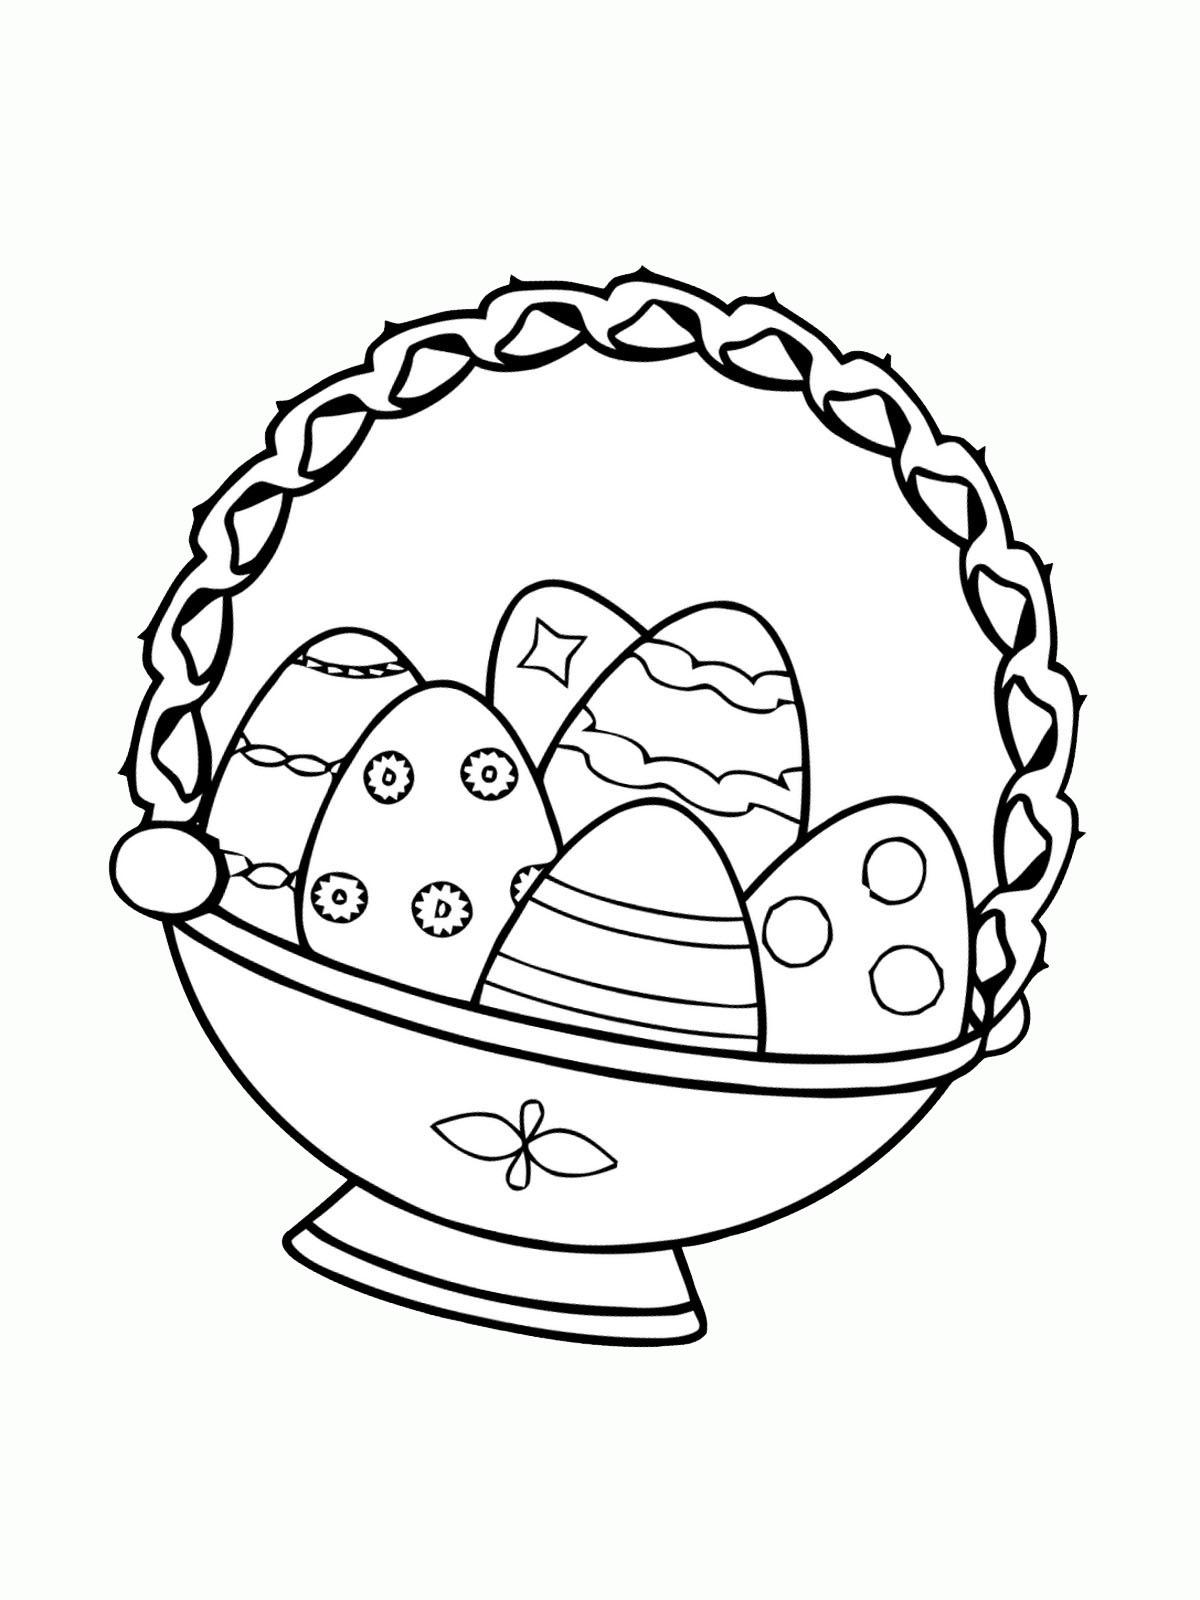 Ungewöhnlich Frohe Ostern Malvorlagen Fotos - Malvorlagen-Ideen ...